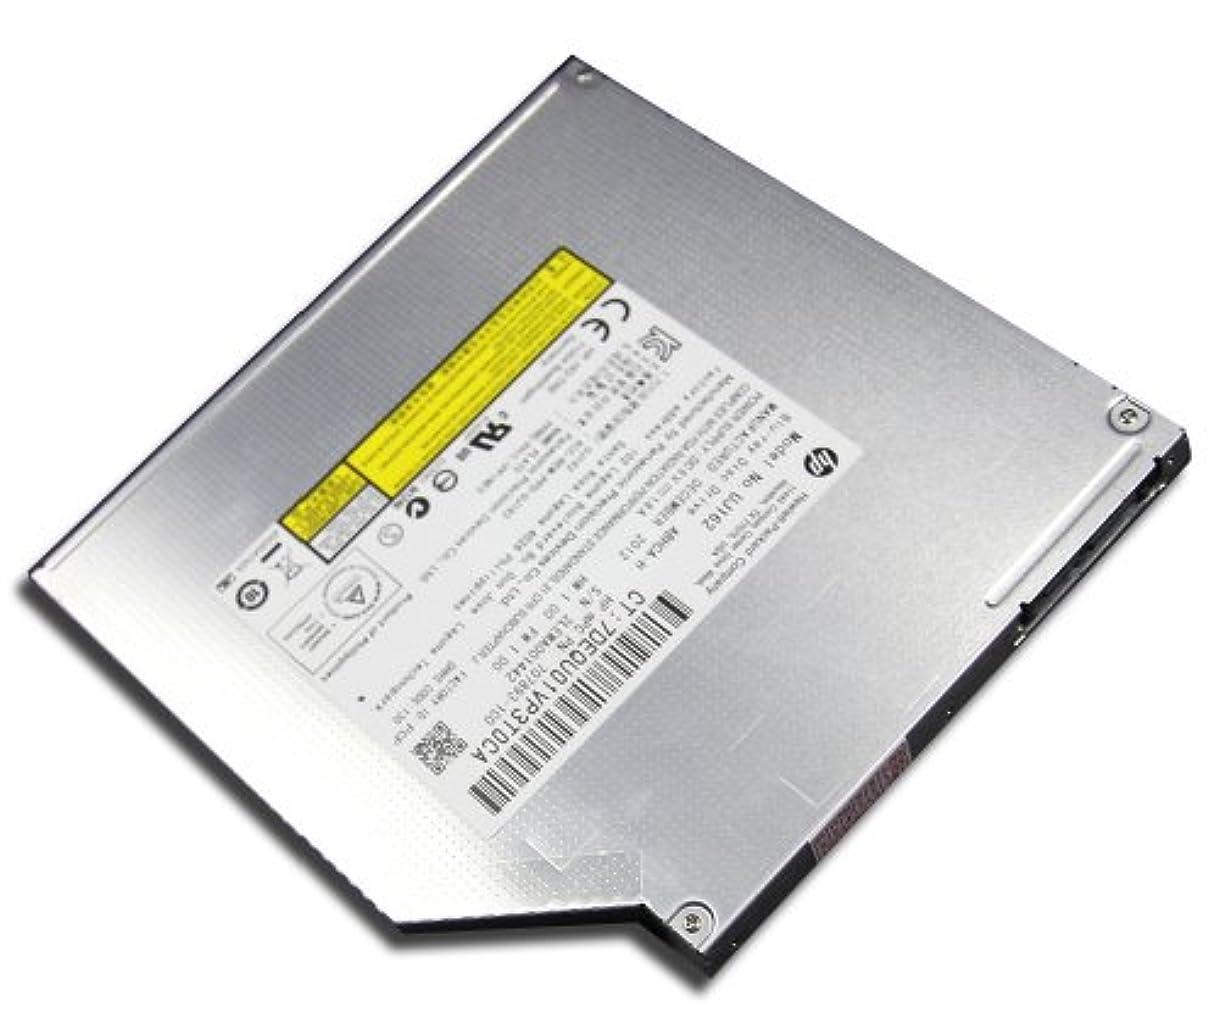 独裁テクトニック貢献Panasonic uj162 uj-162 6 x 3d Blu - ray PlayerコンボBD 8 x DVD RWバーナースーパースリム9.5 MM tray-loading内部SATAドライブ